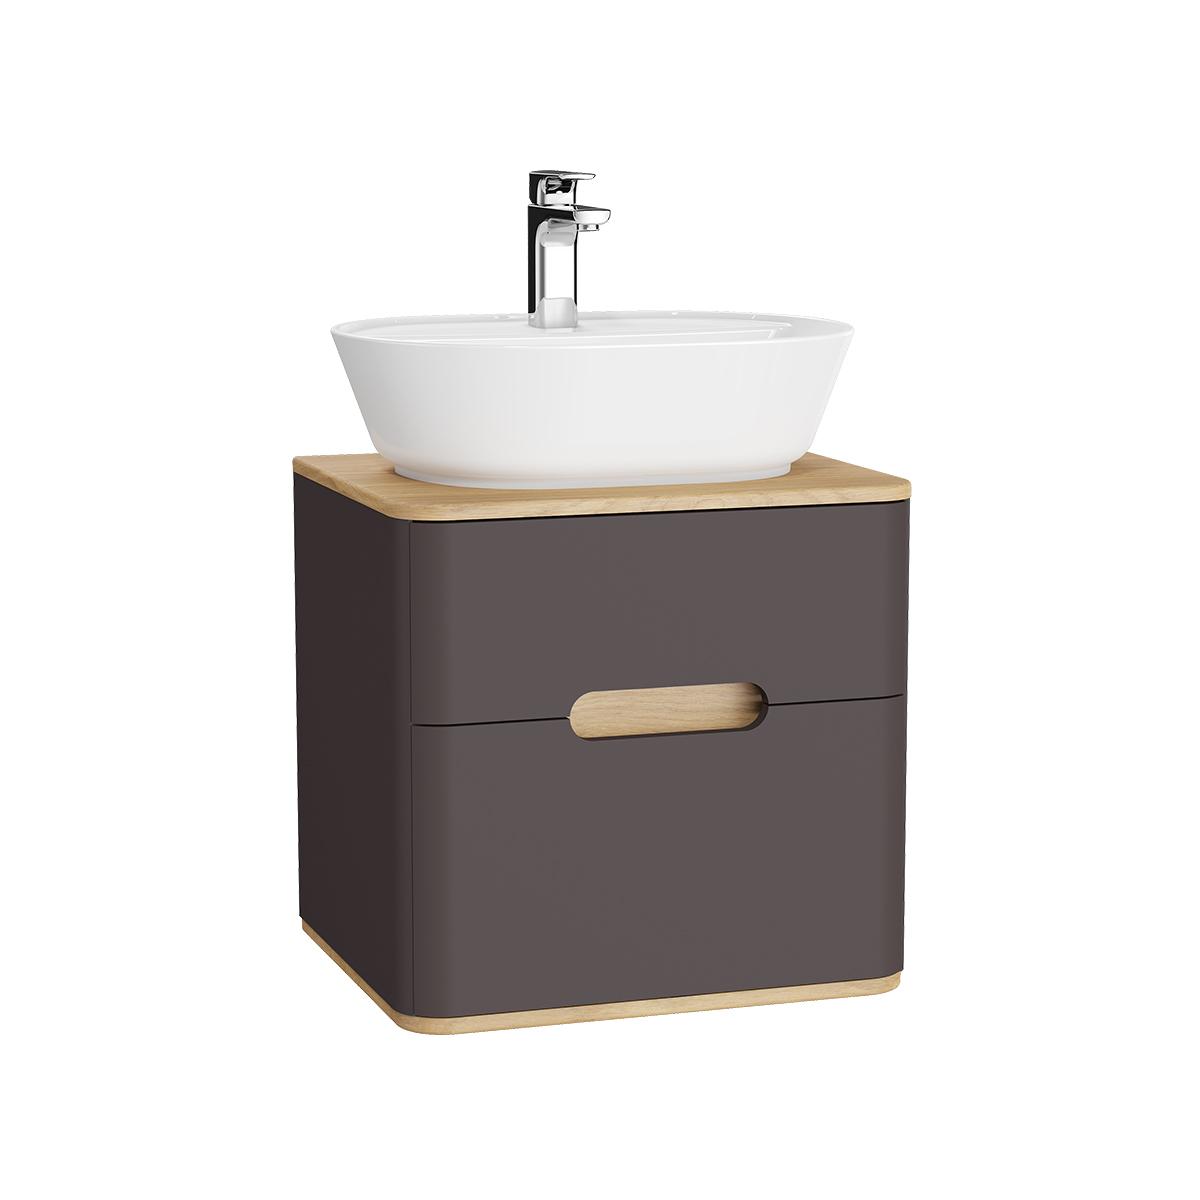 Sento Waschtischunterschrank, 55 cm, für Aufsatzwaschtische, mit 2 Vollauszügen, Anthrazit Matt